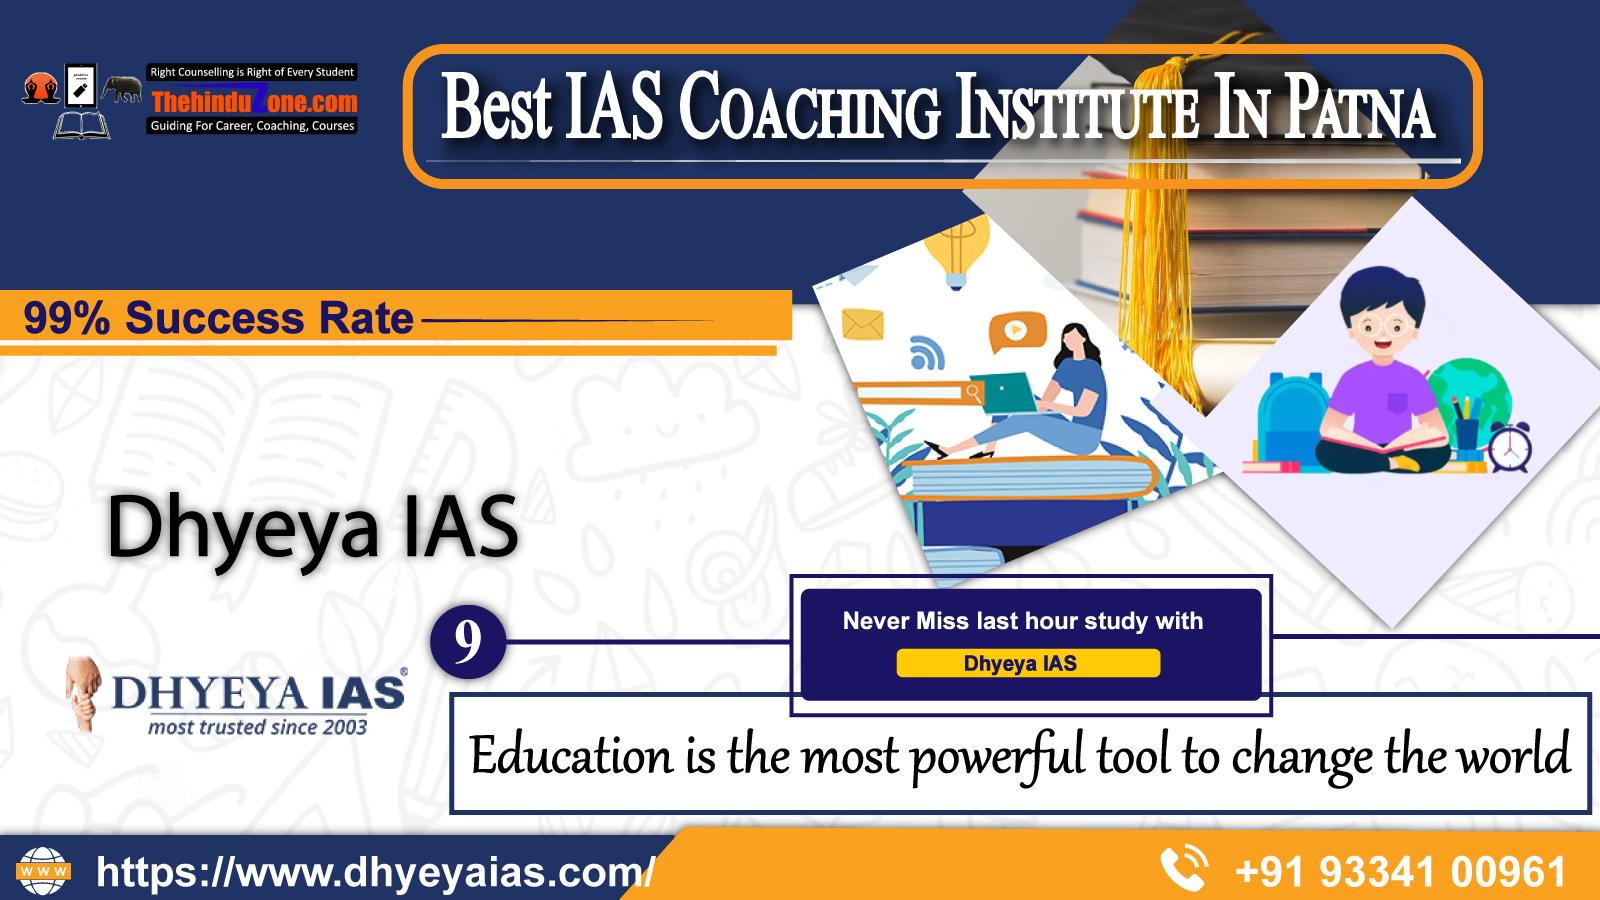 BestIAS Coaching in Patna